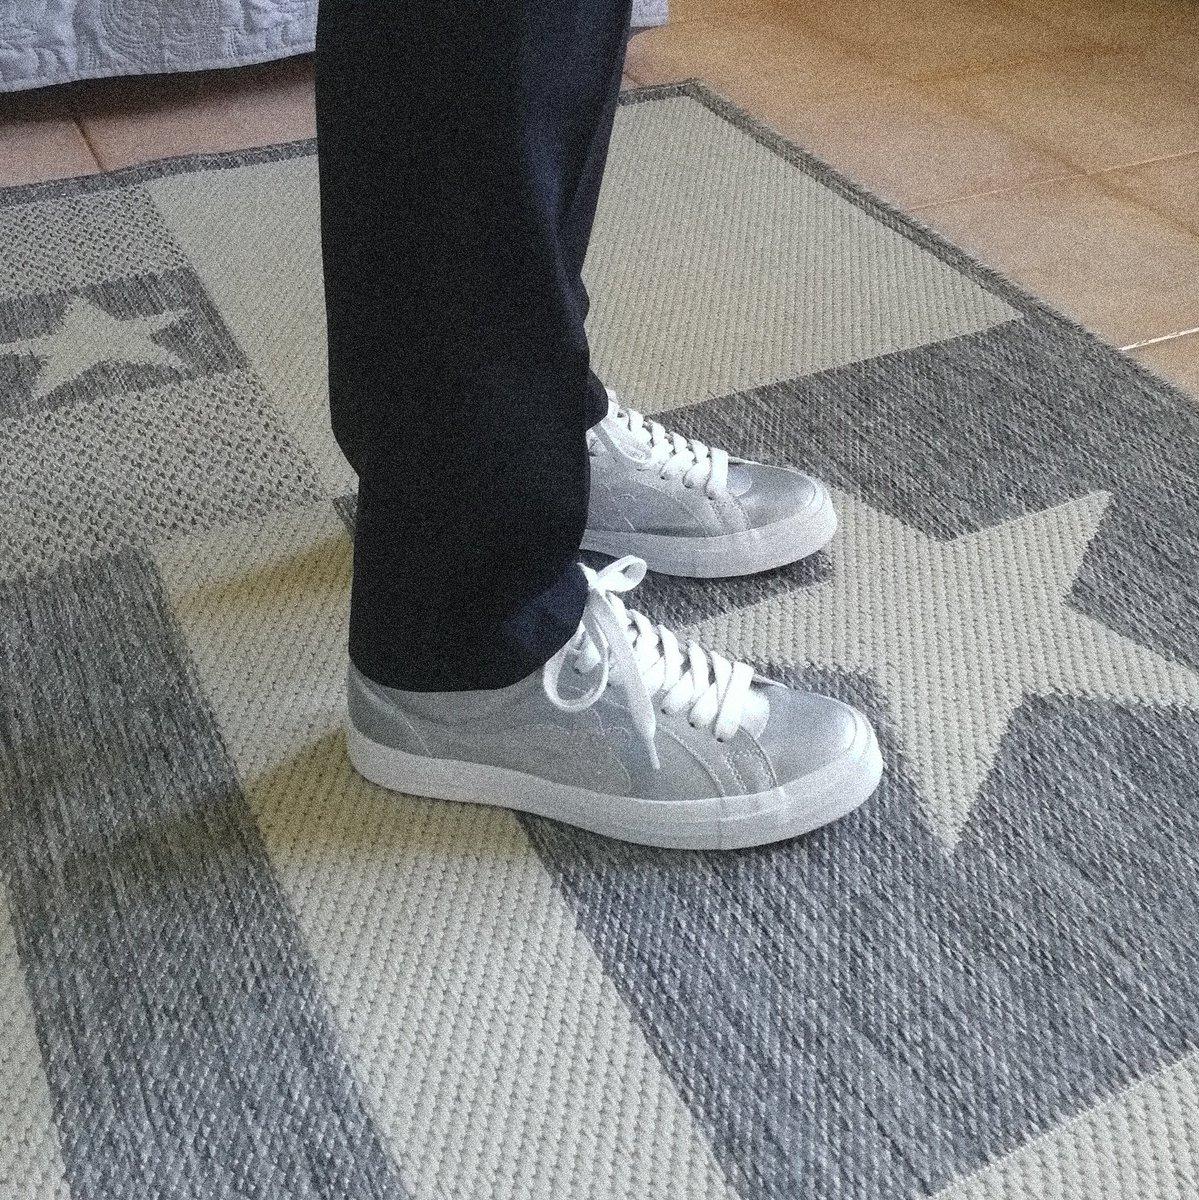 I jus bought @golflefleur × @Converse 3M shoes / @tylerthecreator #converse #golflefleurpic.twitter.com/ho8urabibv